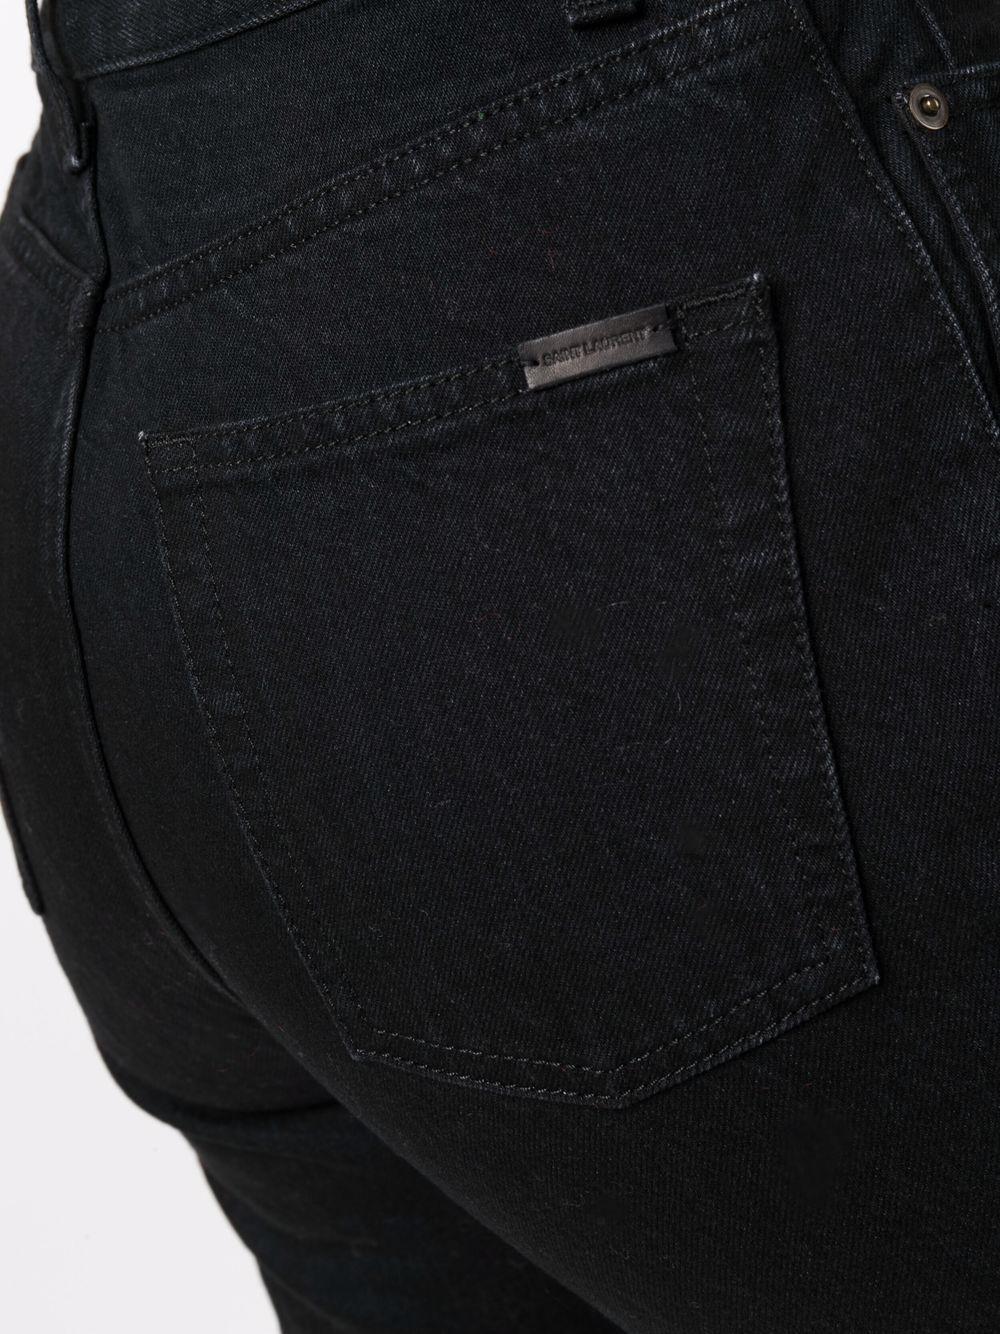 Picture of Saint Laurent | 90`S Highwaist Jeans